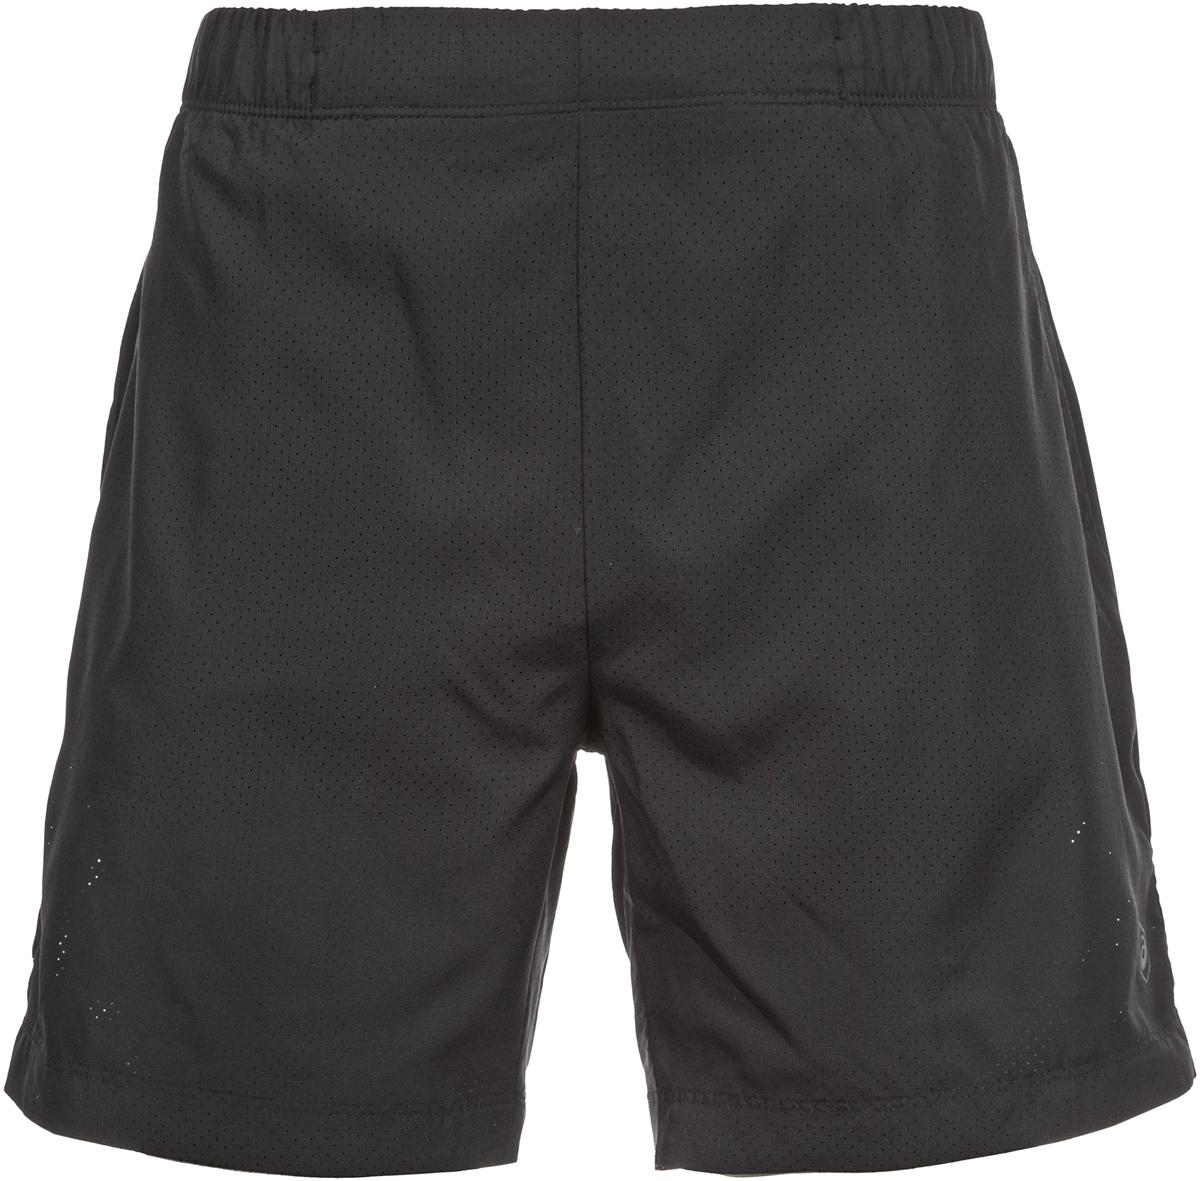 Шорты мужские Asics Fuzex 7In Short, цвет: черный. 141243-0946. Размер S (46)141243-0946Эти шорты от Asics обеспечат вам комфорт во время пробежек и занятий, благодаря мягкой. Светоотражающий логотип Asics.